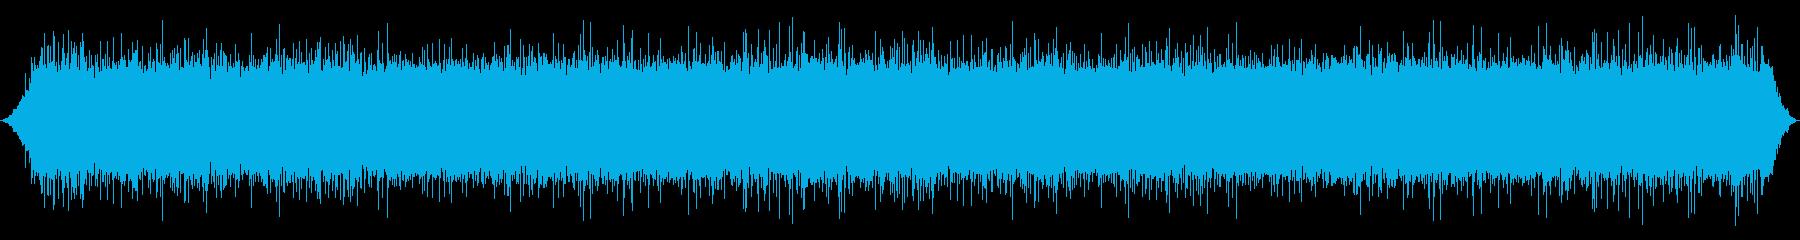 川:中流量、ストリームとしても使用の再生済みの波形